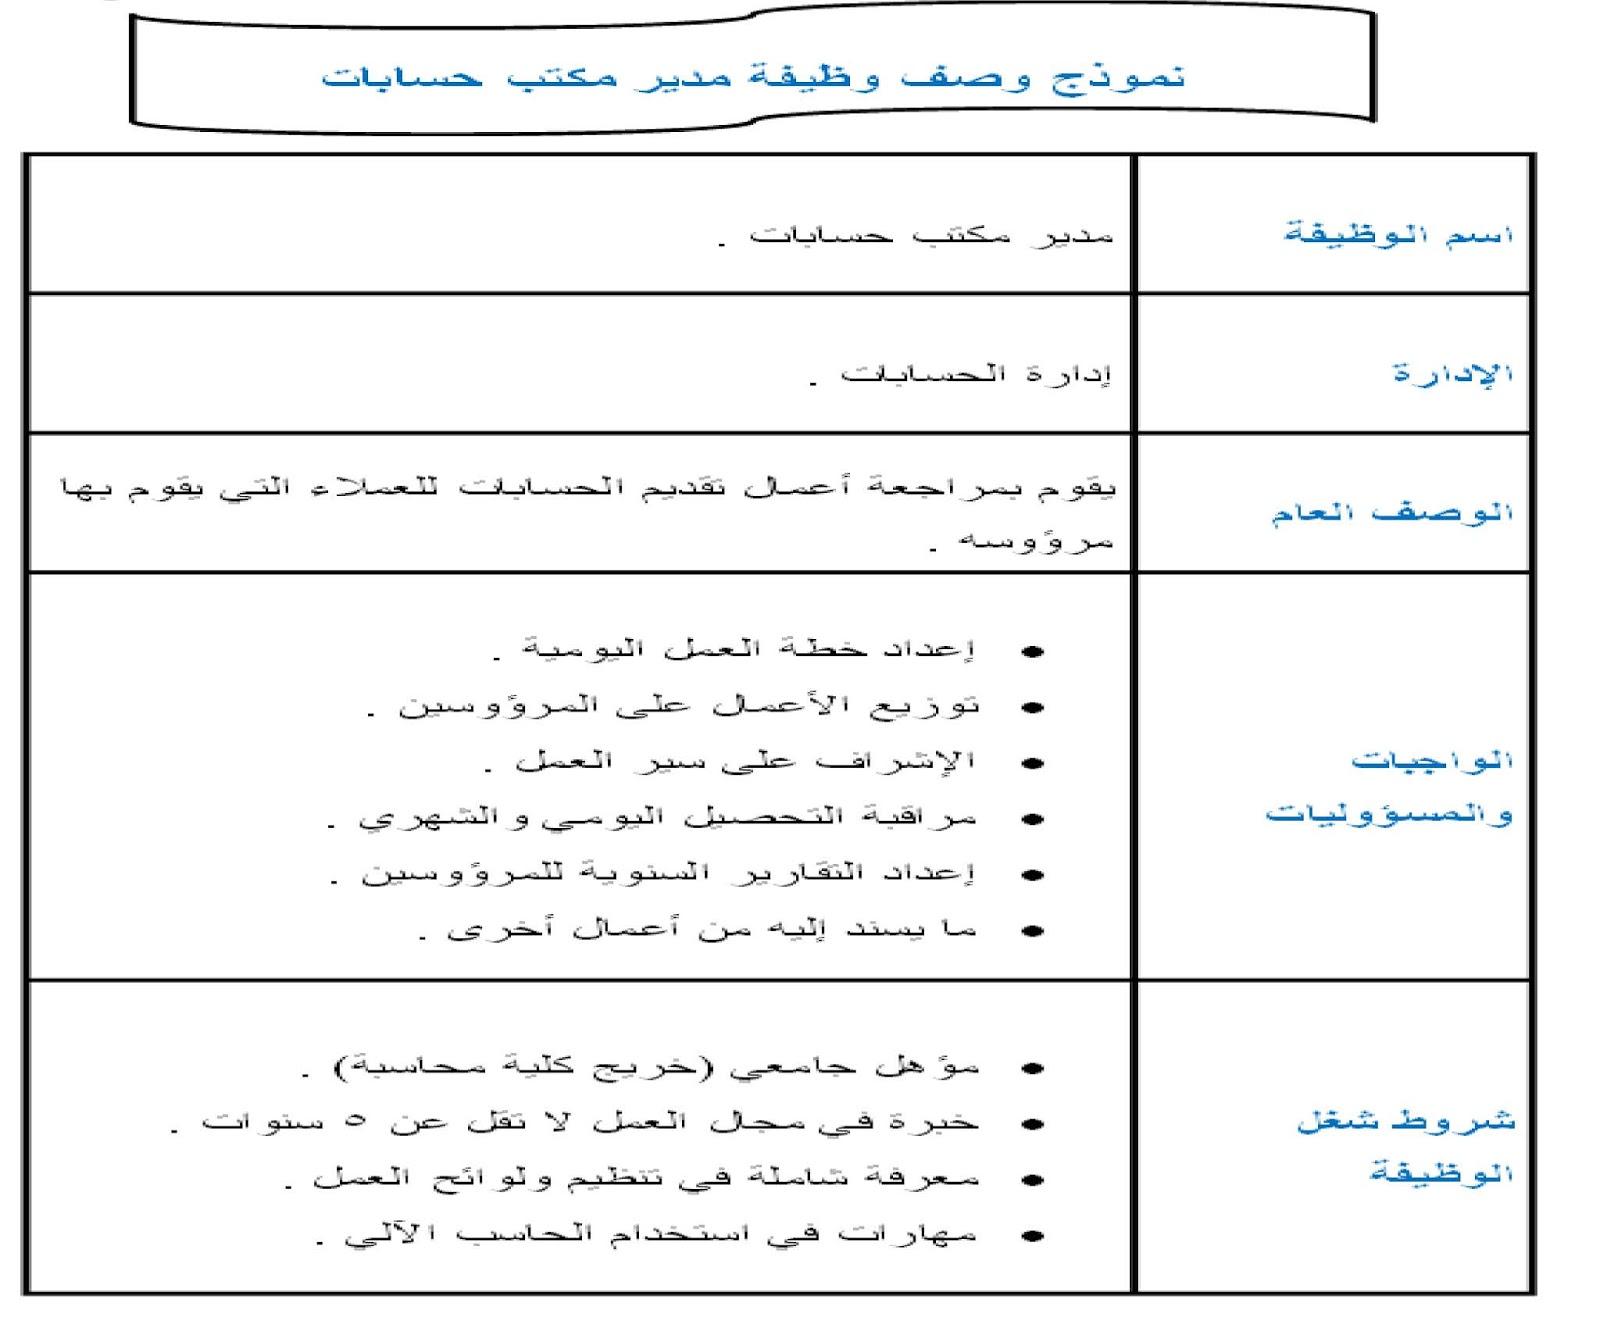 نموذج وصف وظيفة مدير مكتب حسابات